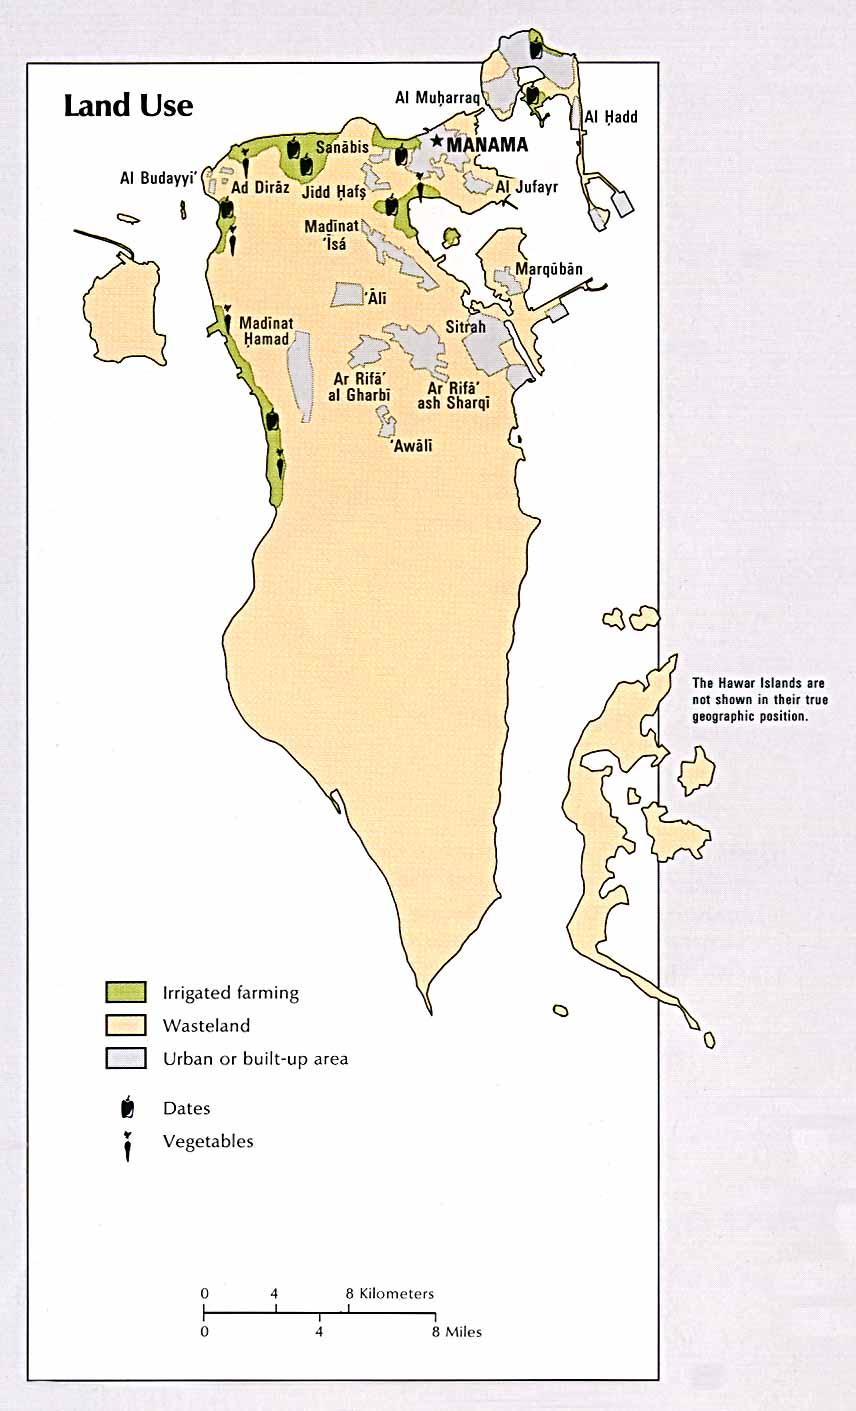 Mapa de Uso de Suelo de Bahréin